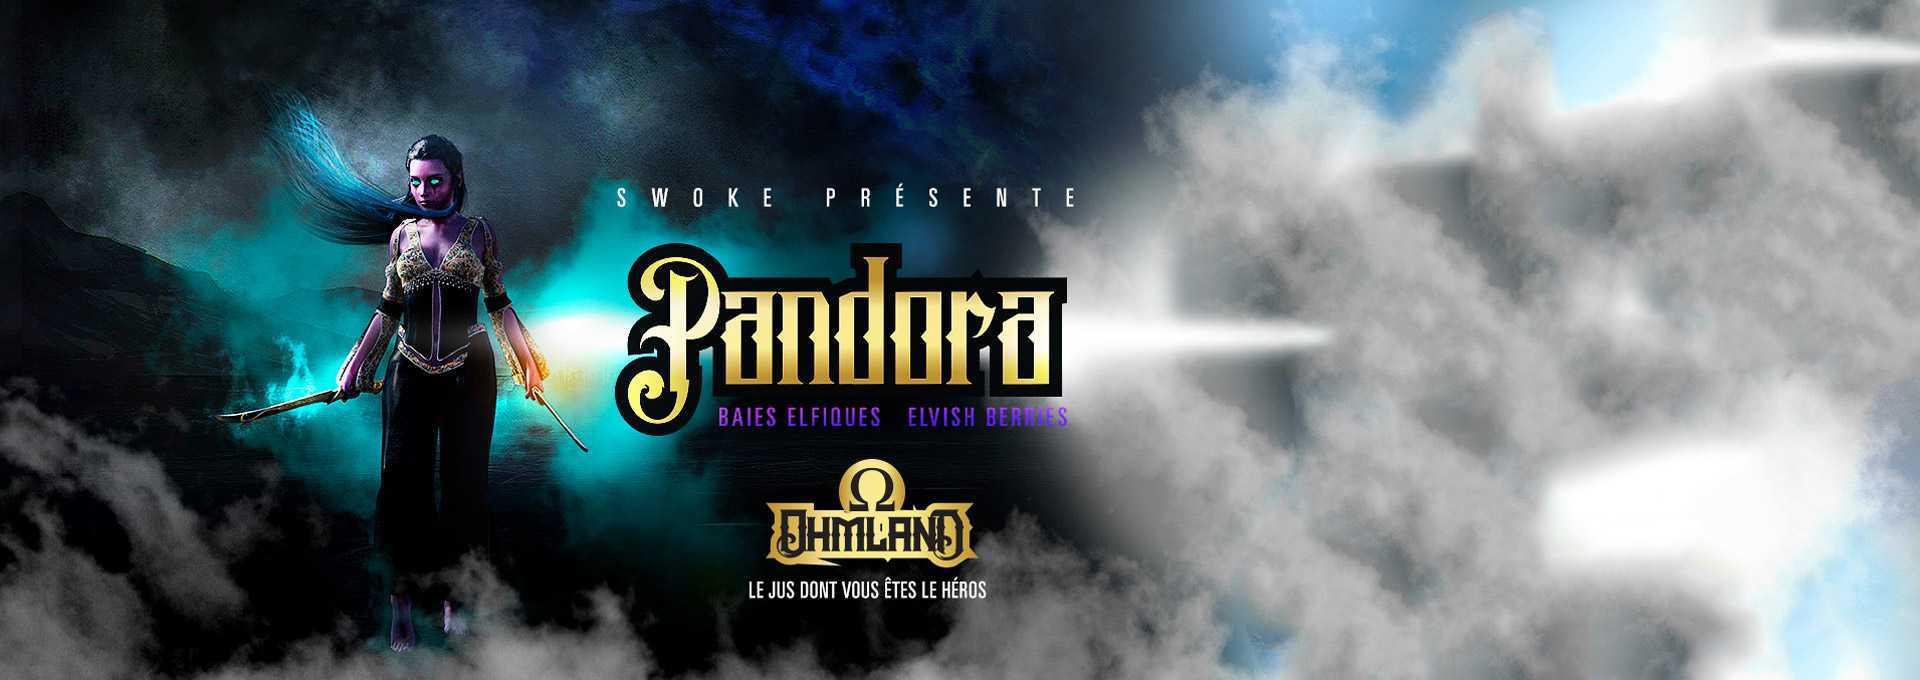 Pandora - Swoke - Le vapoteur-discount